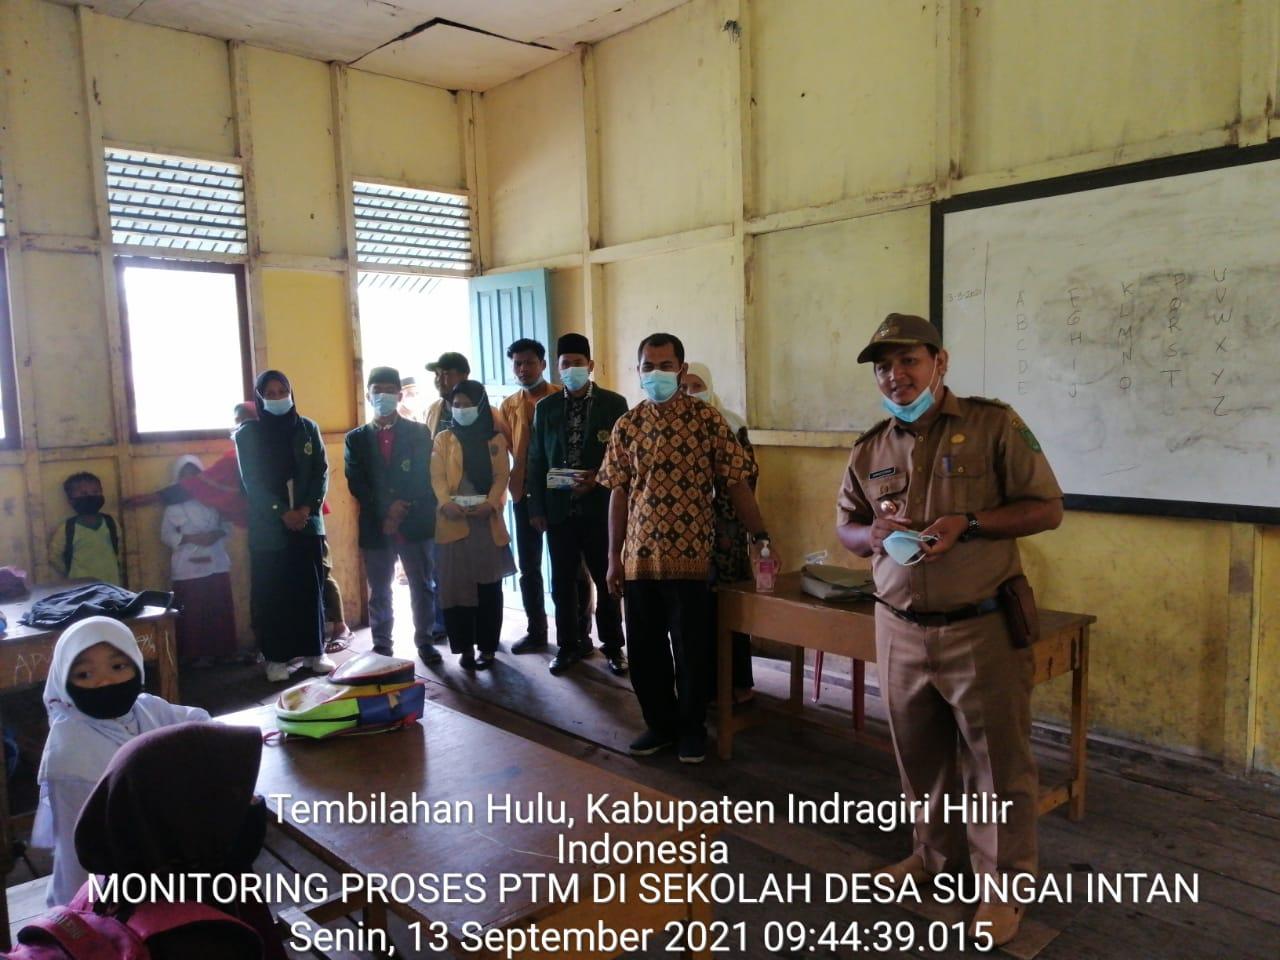 Kades Sungai Intan Laksanakan Monitoring Ke Sekolah SMP IT Insan Mulia dan Sekolah Dasar 005 Sungai Intan kecil